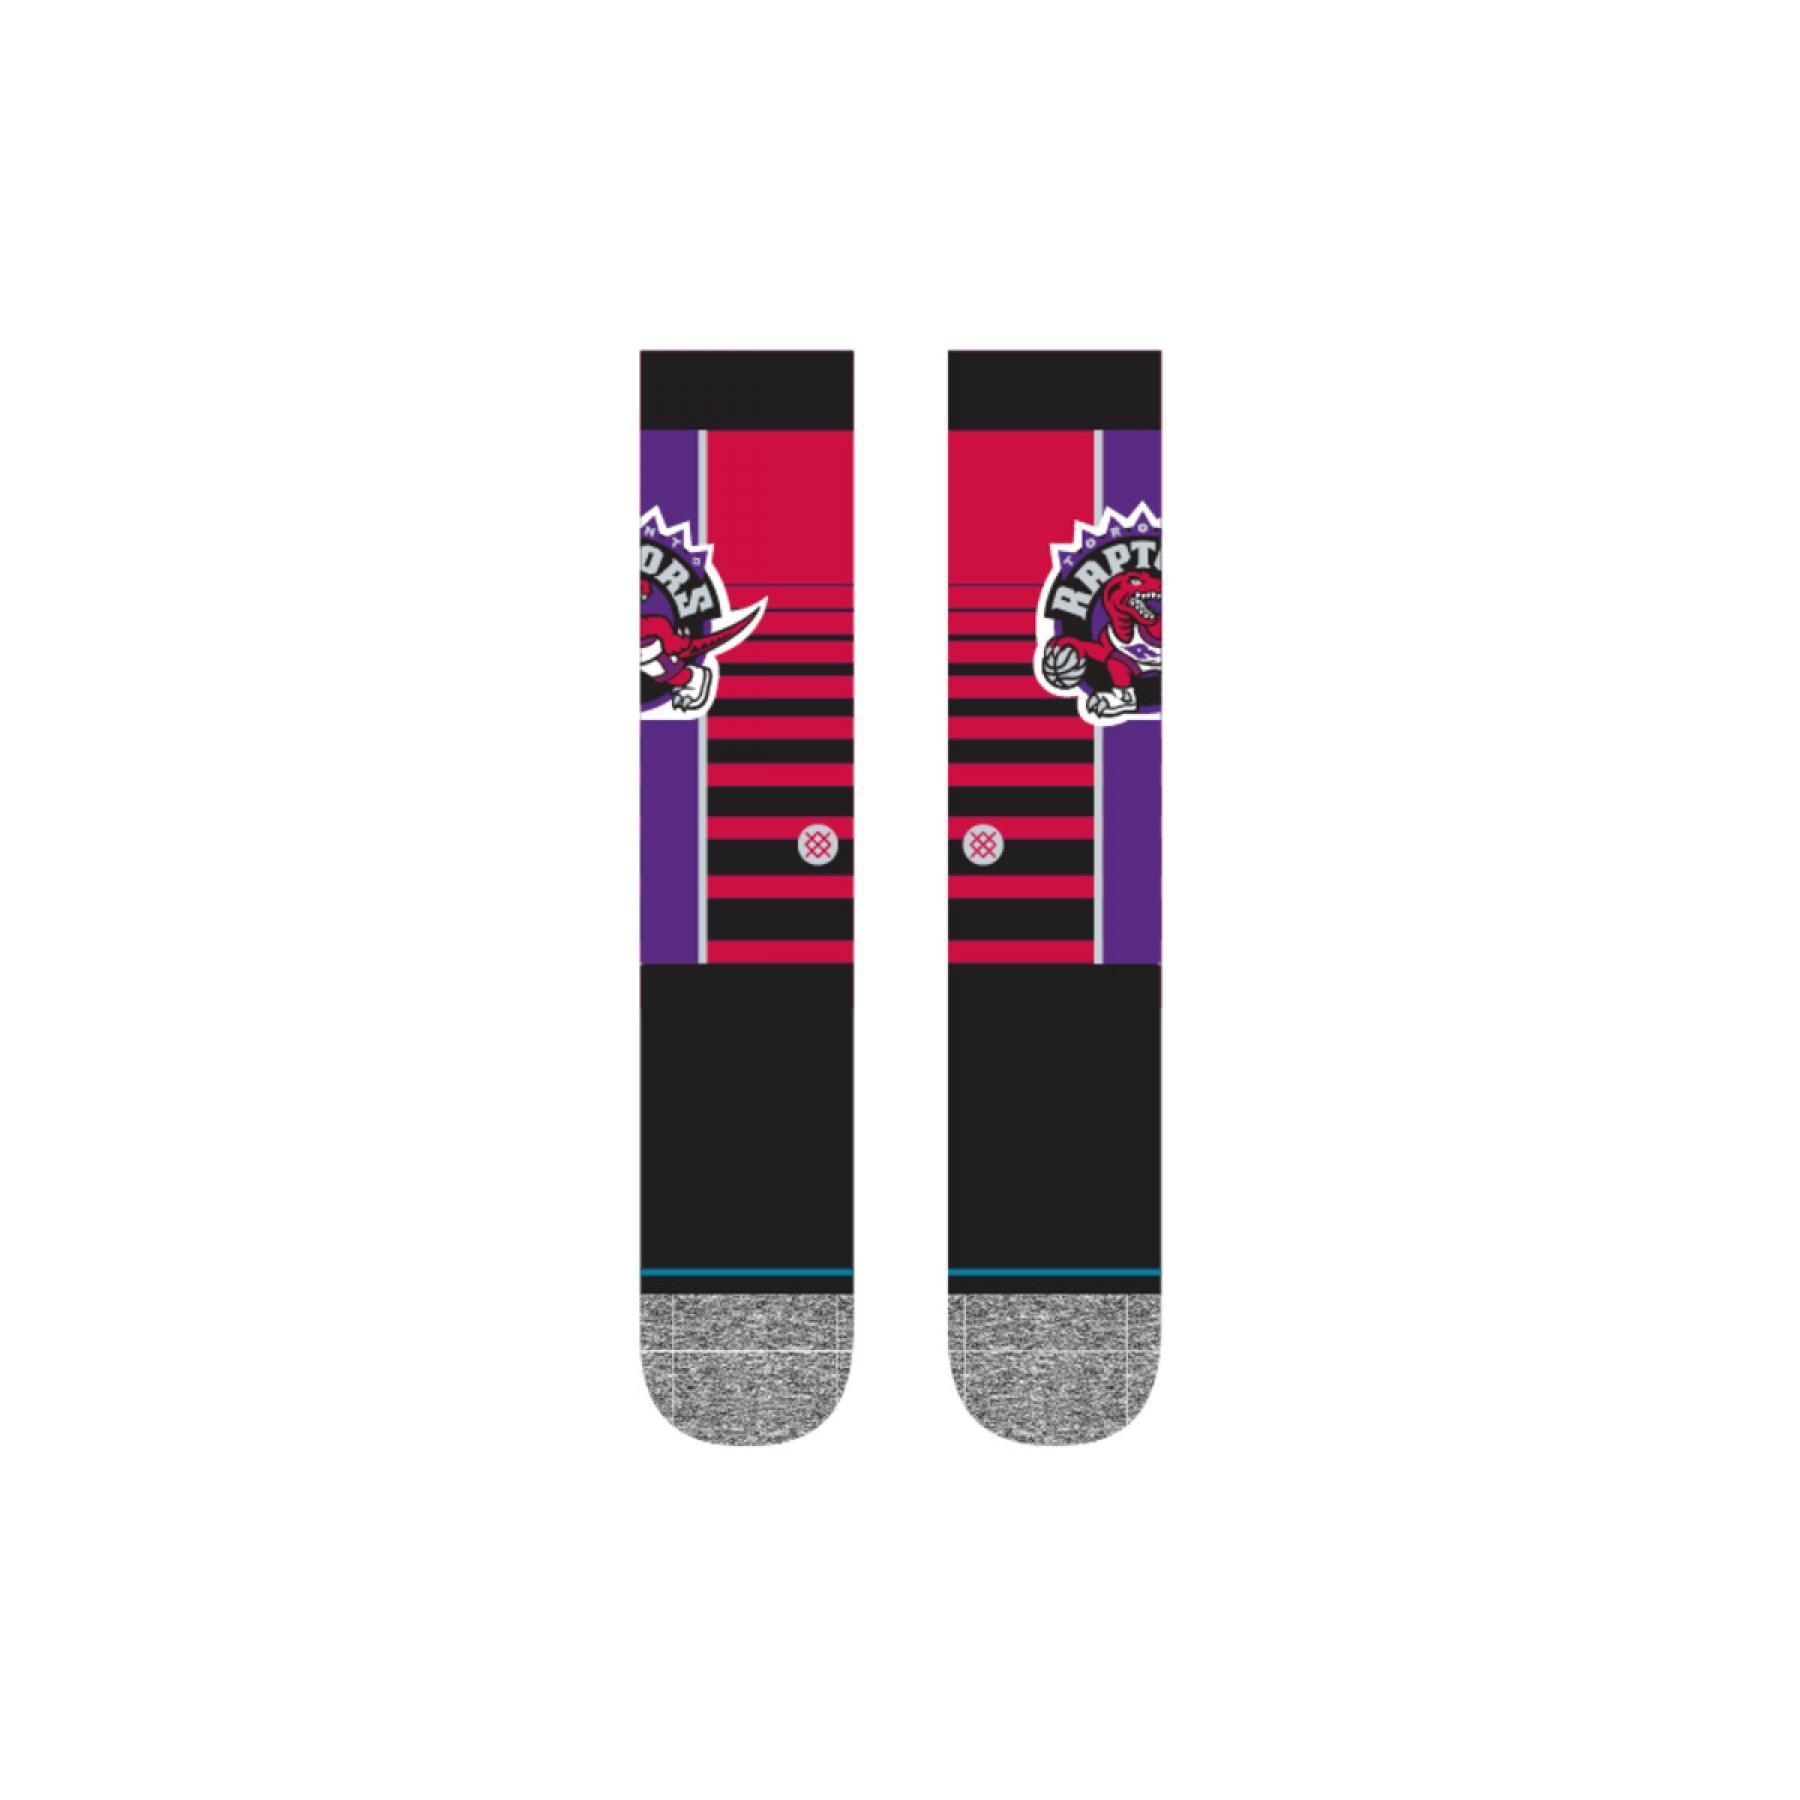 Socks Toronto Raptors